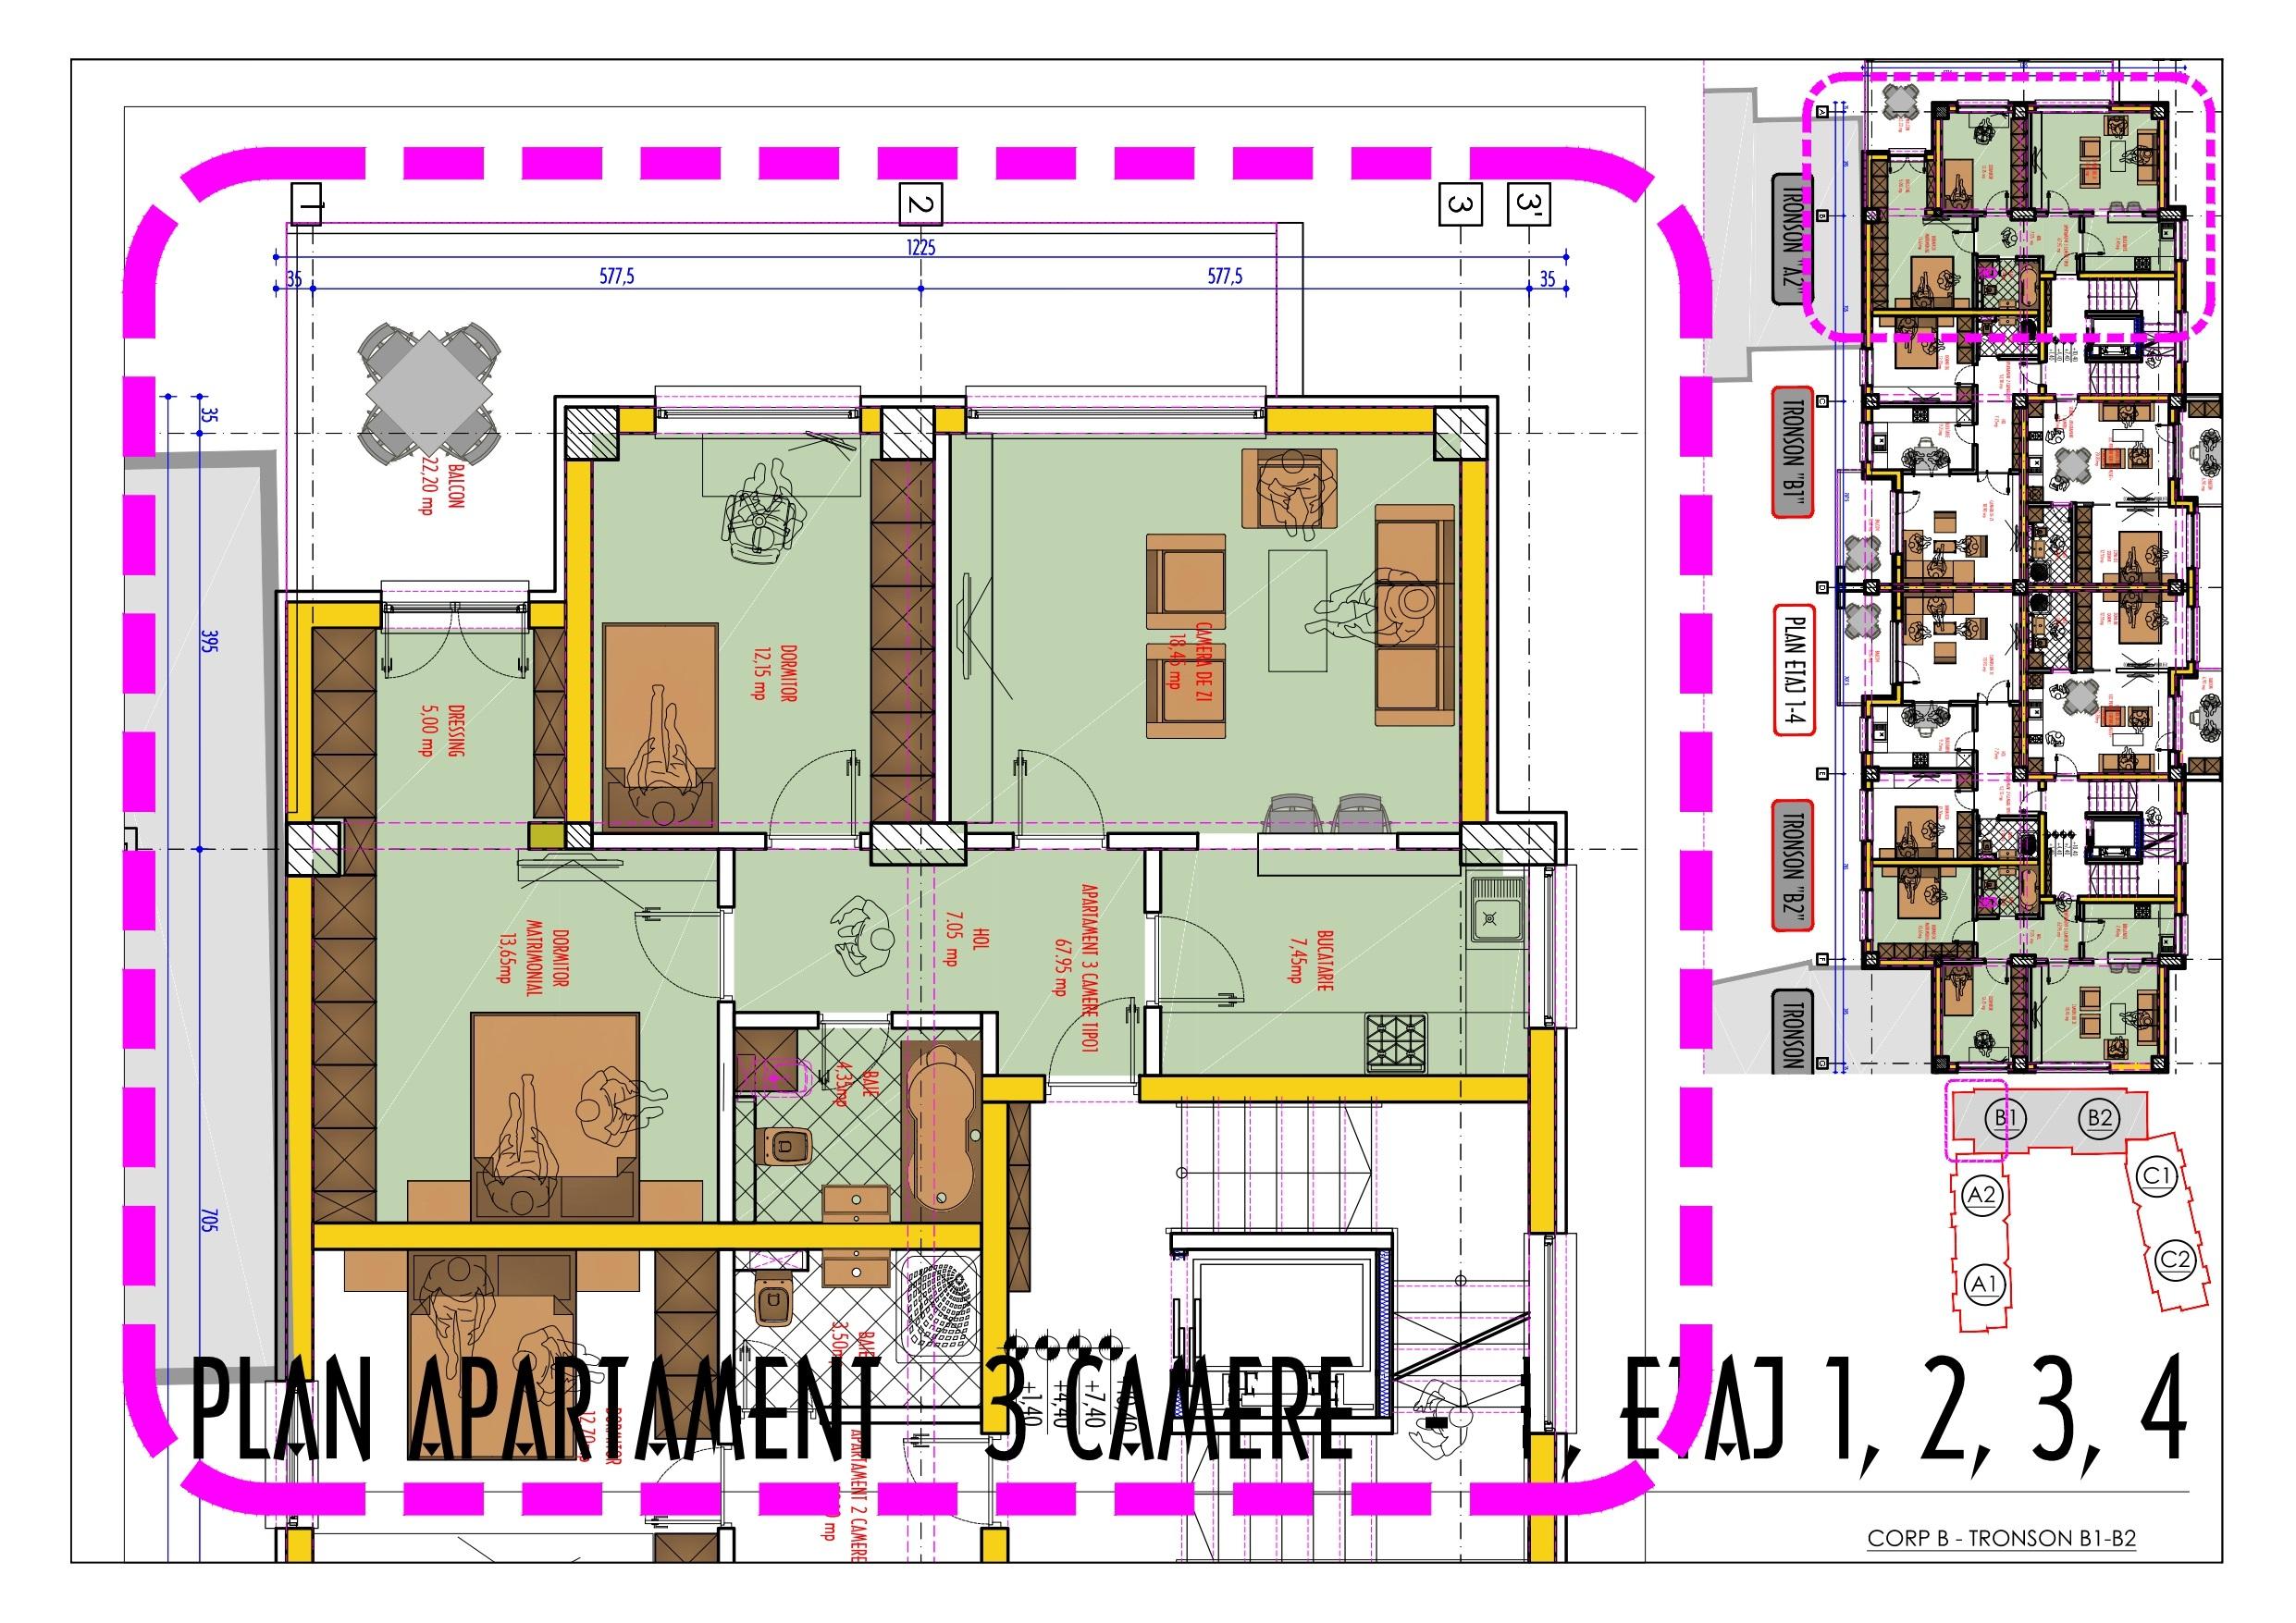 apatament 3 camere